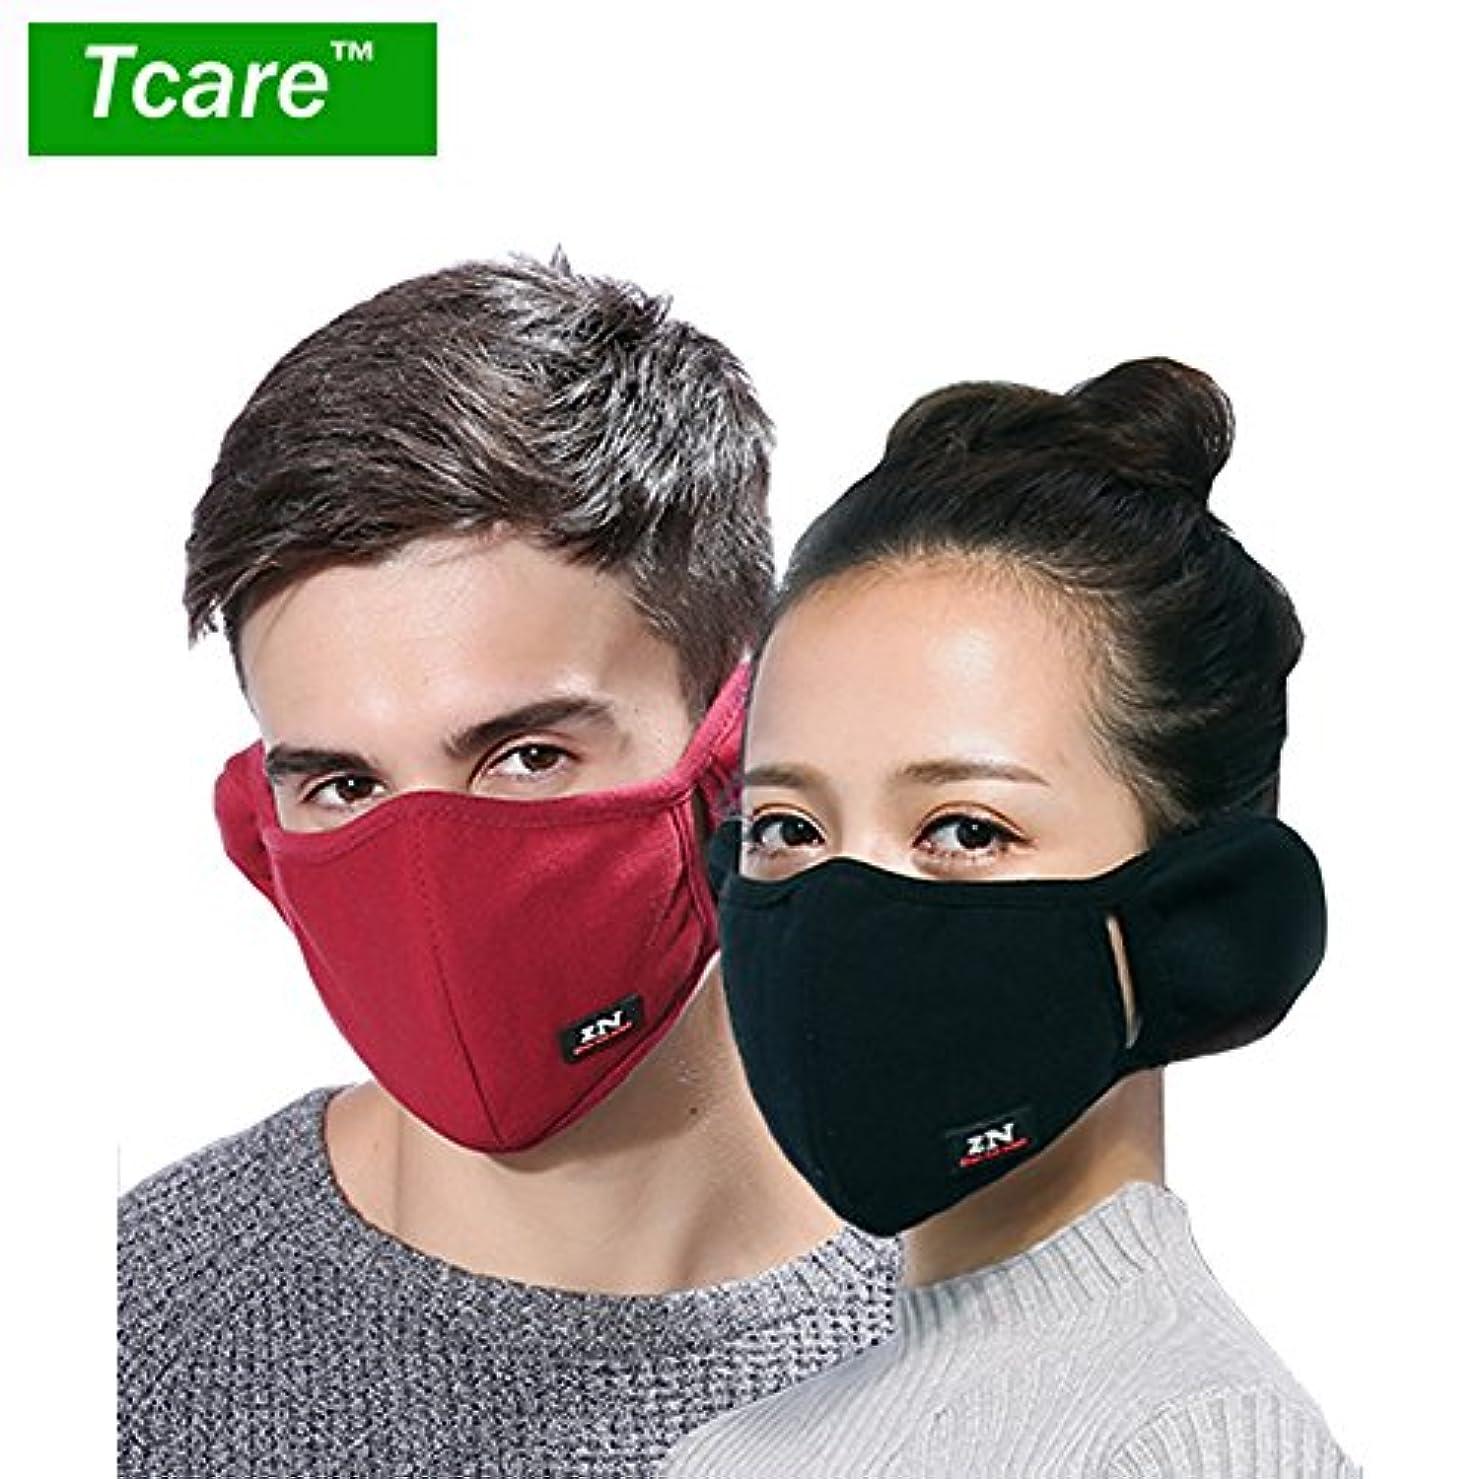 パートナー協同冷酷な男性女性の少年少女のためのTcare呼吸器2レイヤピュアコットン保護フィルター挿入口:2ダークグリーン